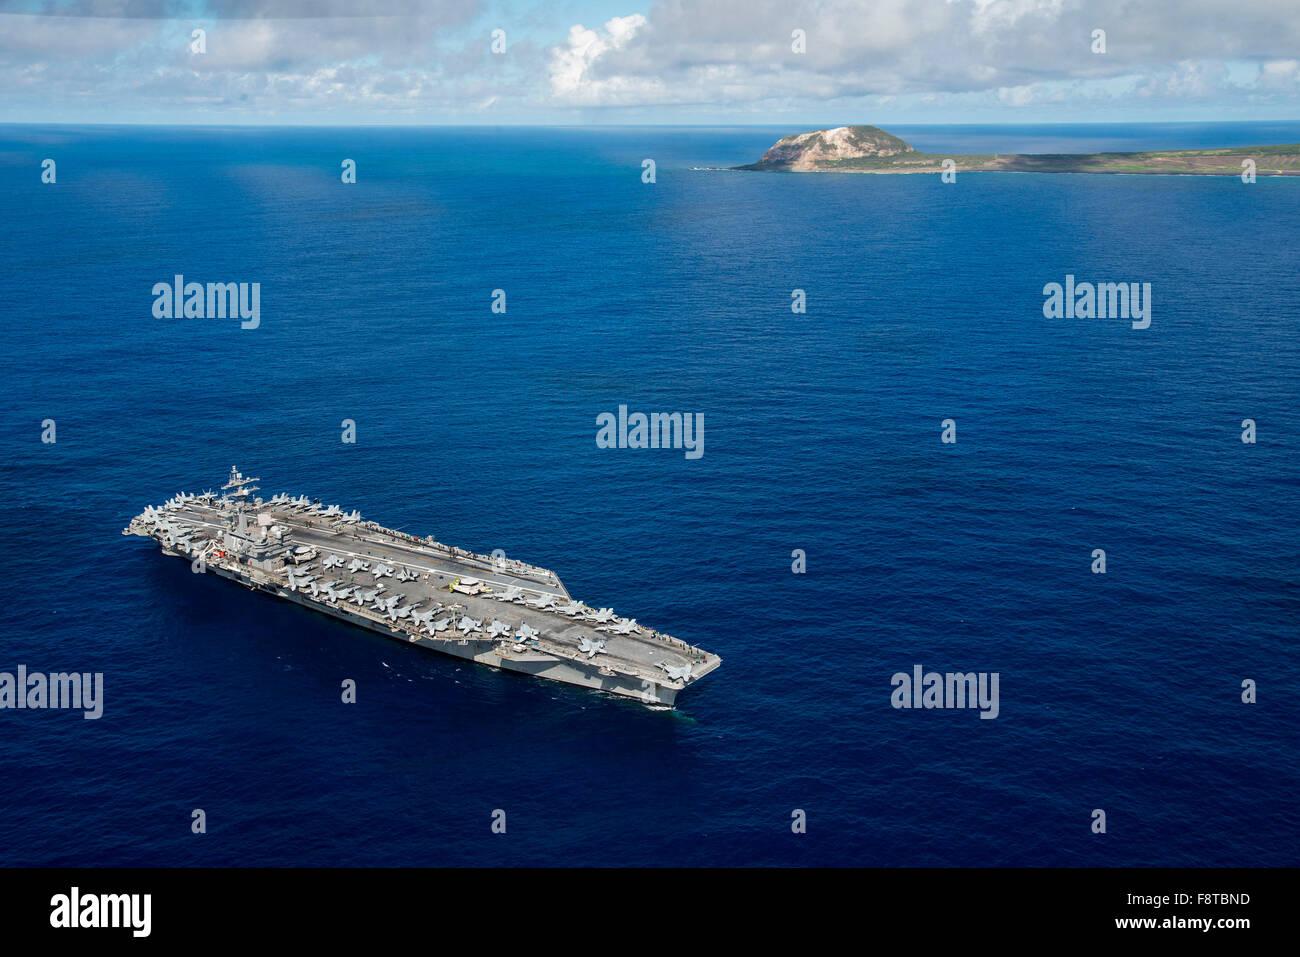 The Nimitz-class aircraft carrier USS Ronald Reagan Stock Photo